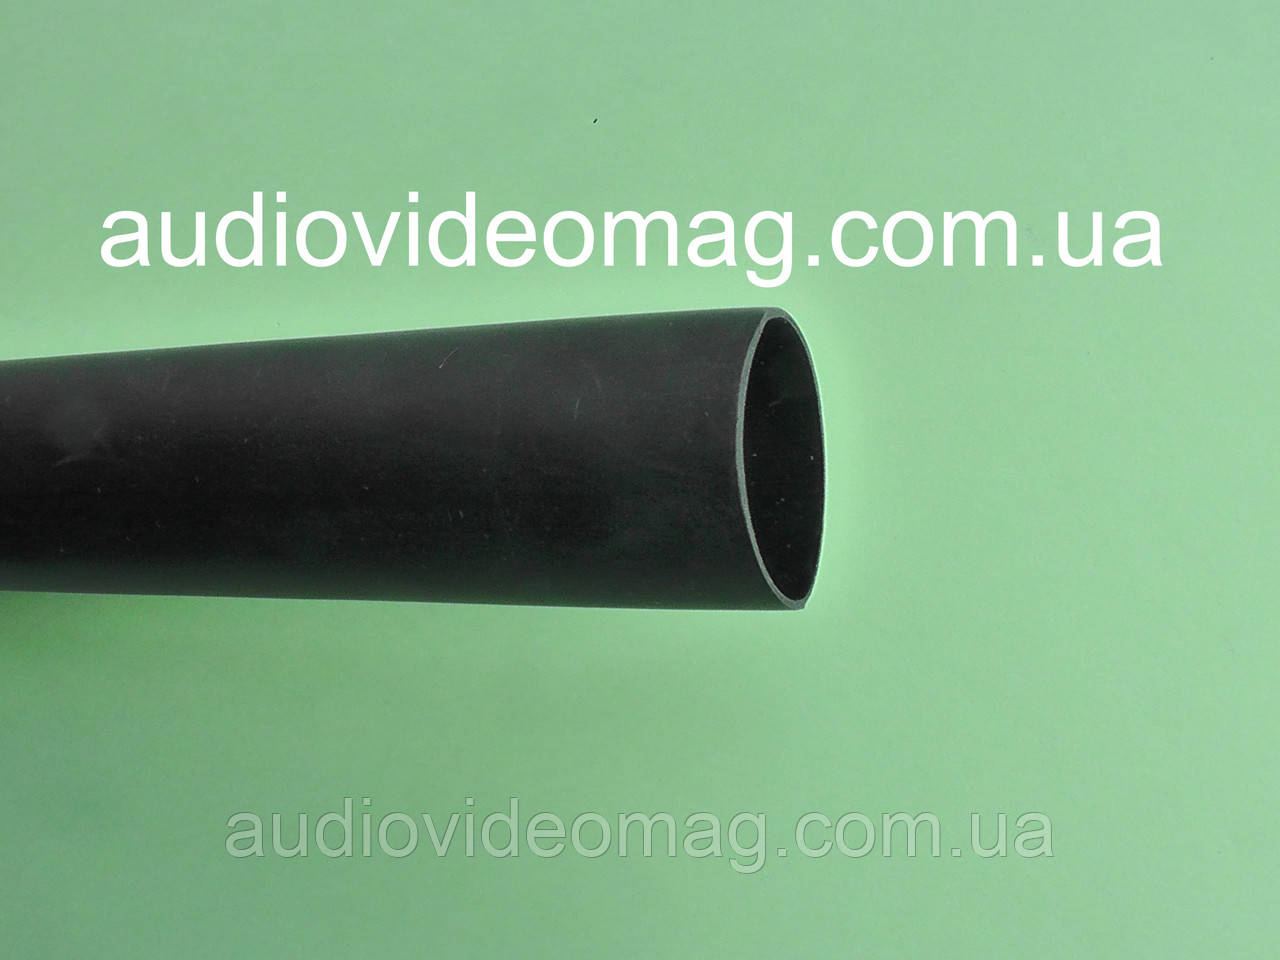 Термоусадочная трубка с клеевым слоем (3:1) - 15.0/5.2 мм, 1 метр, черная